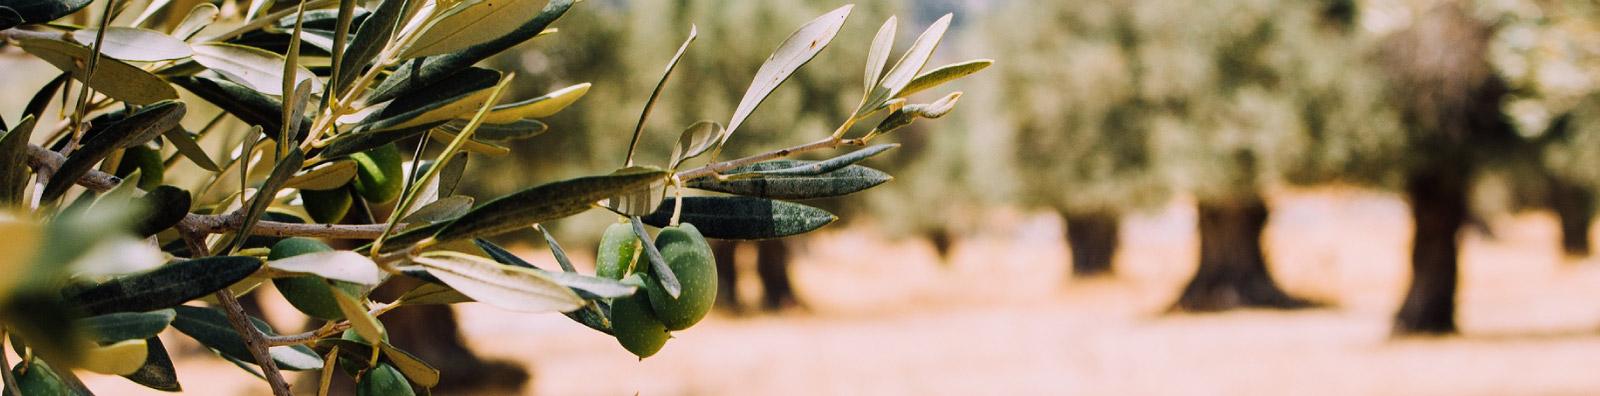 Contacta con Aceites Echinac y realiza tu pedido nacional o internacional de aceite de oliva